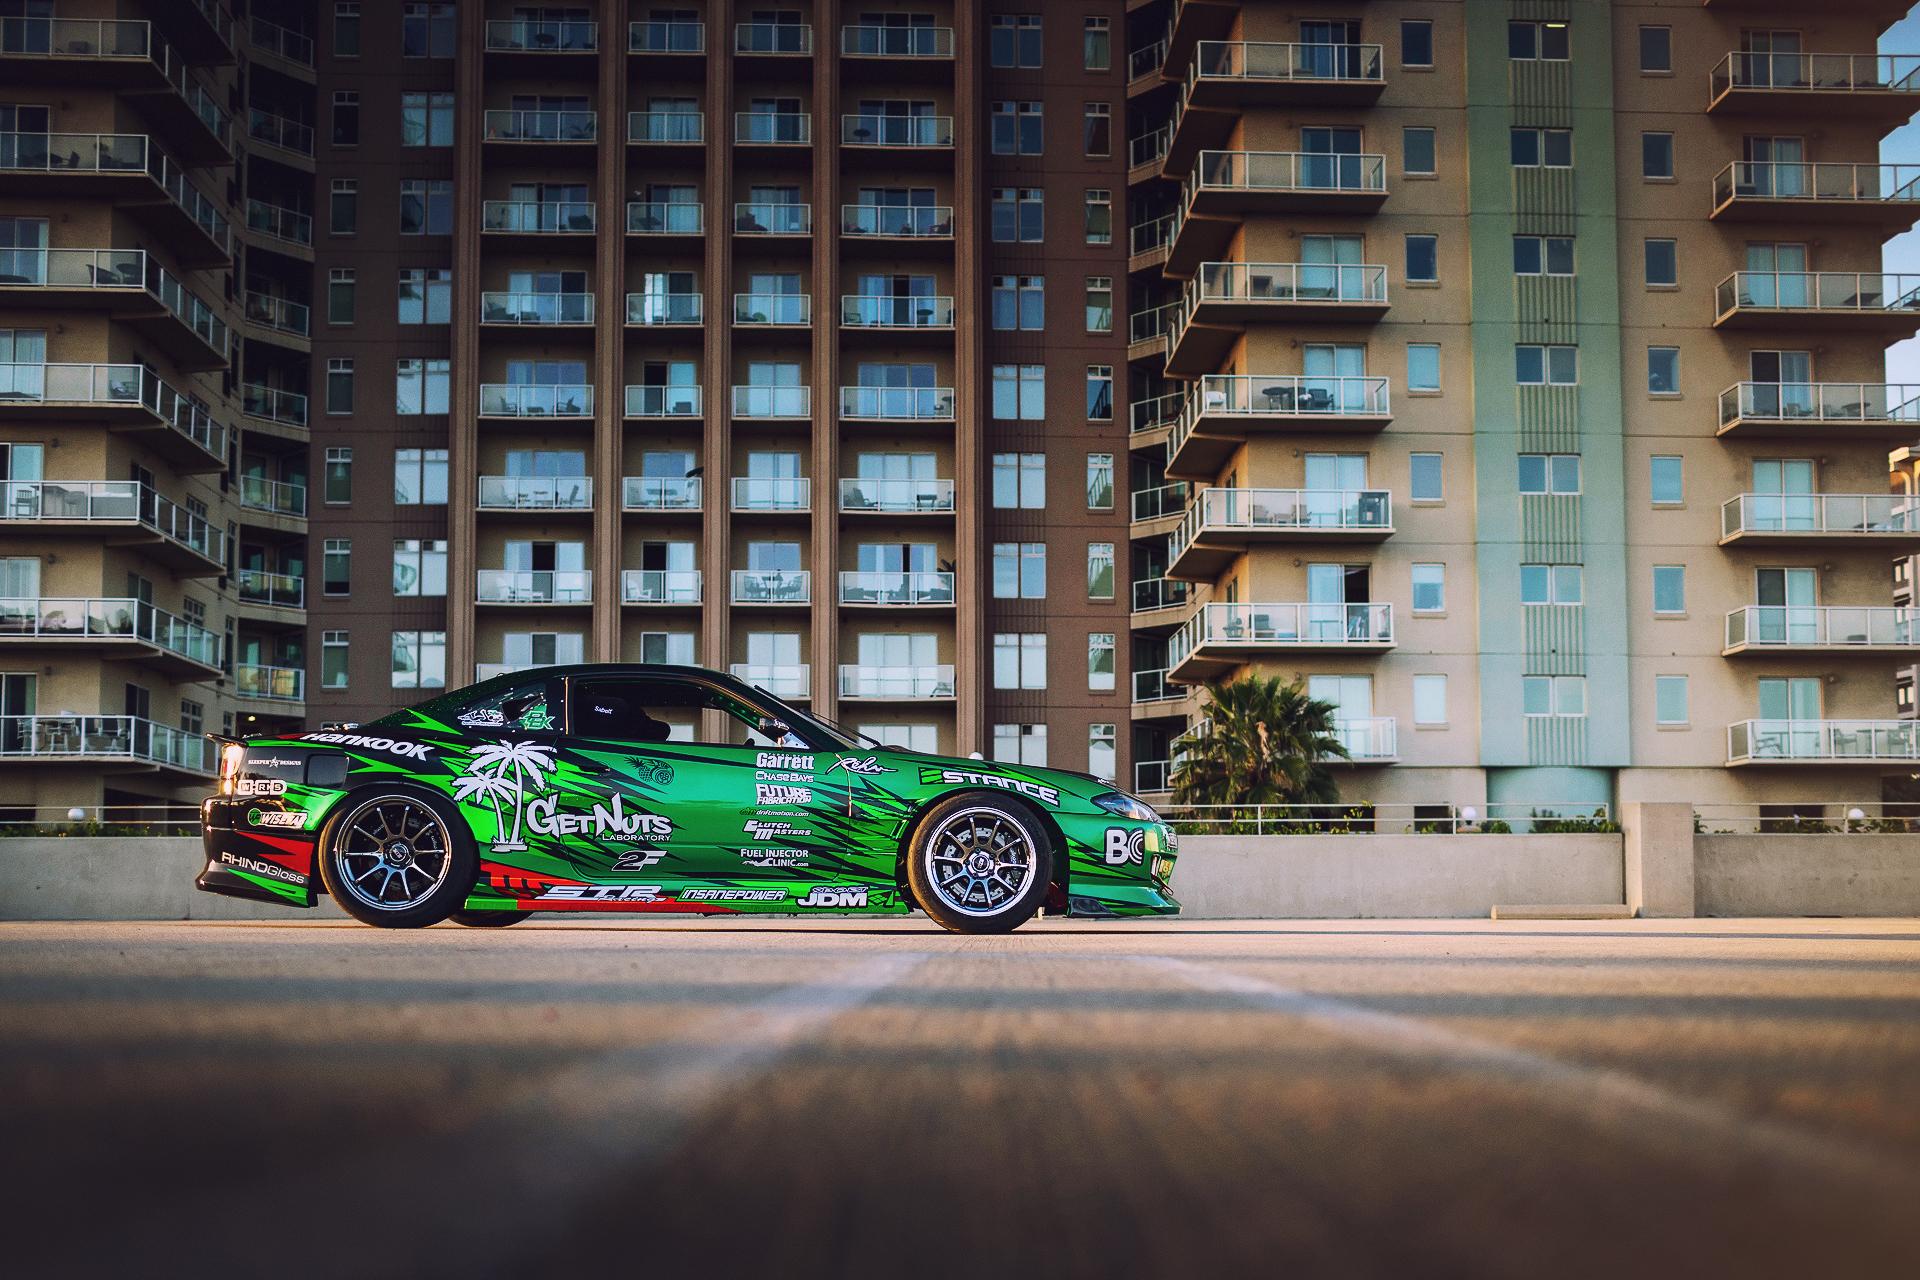 壁紙 1920x1280 日産自動車 チューニングカー Silvia S15 Formula